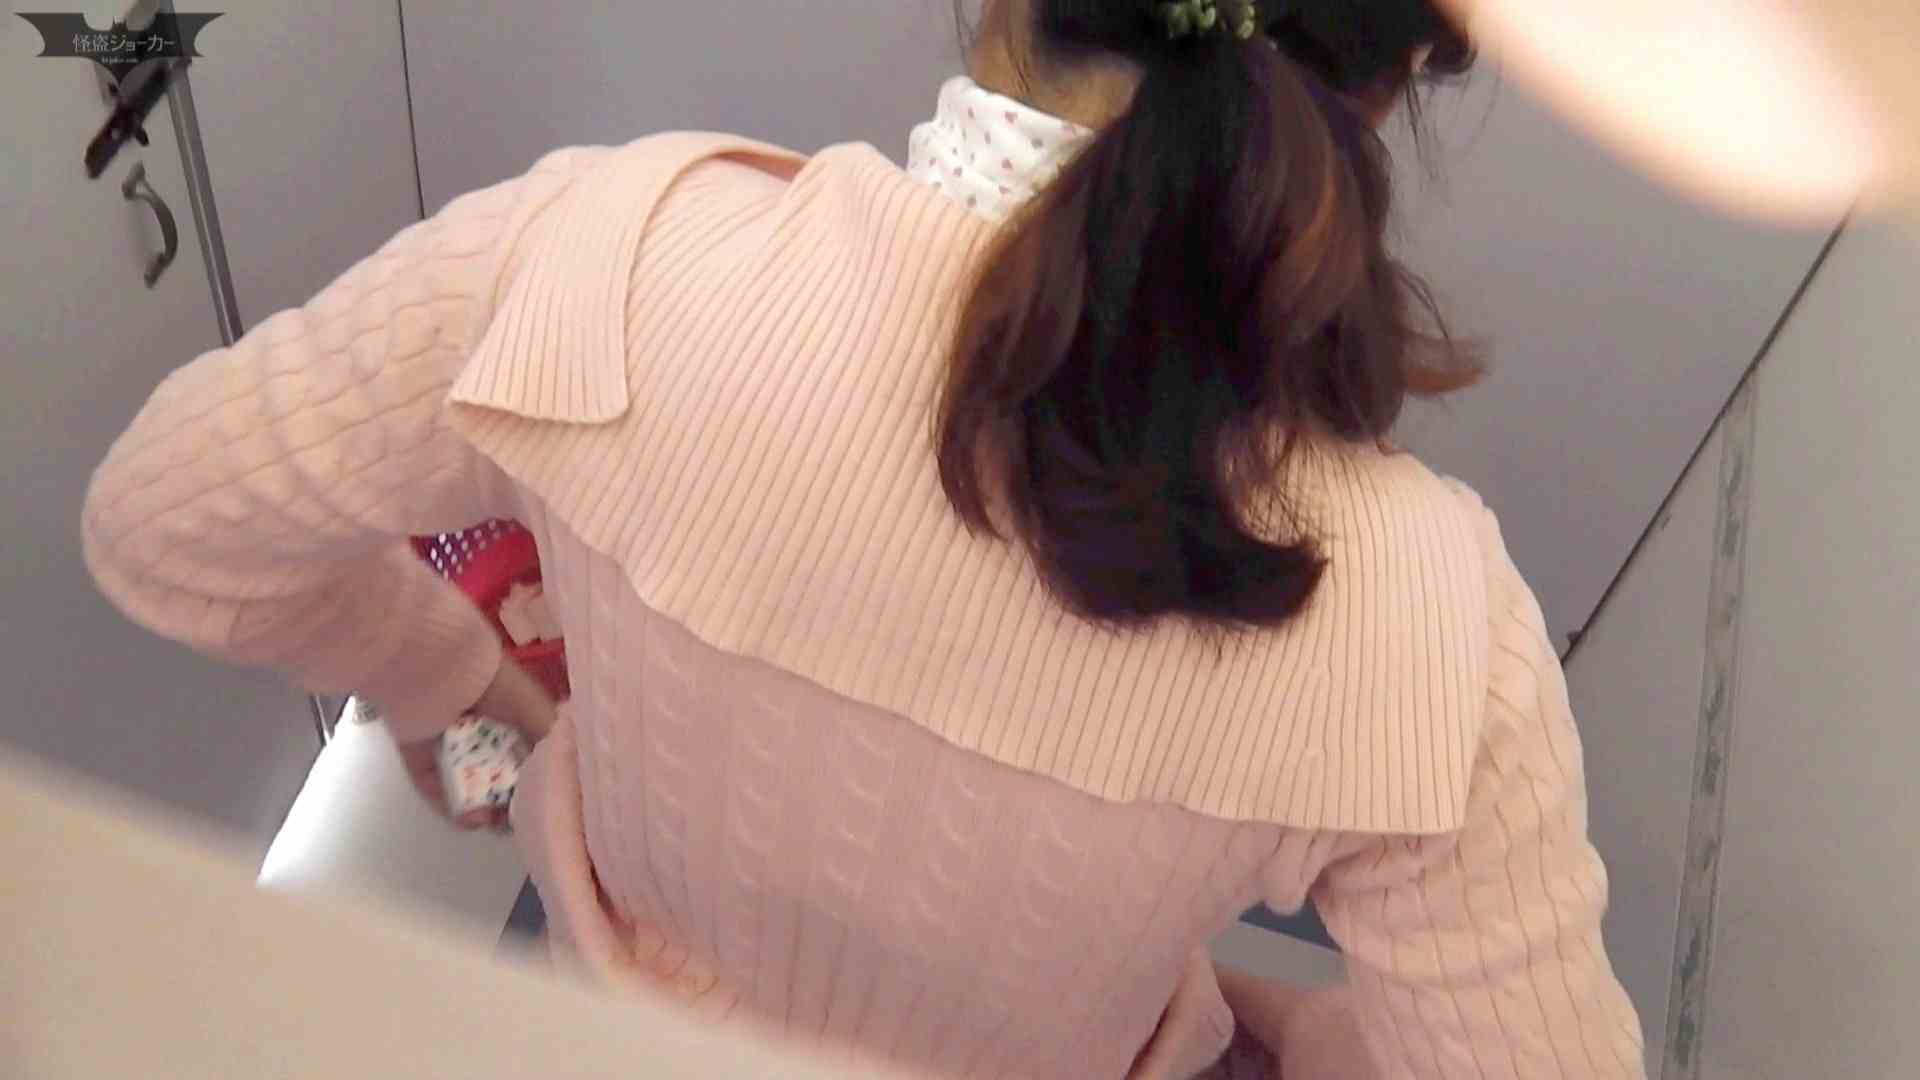 下からノゾム vol.018 スタイルいい子に、ついついて入っちゃった。 洗面所  69PIX 16